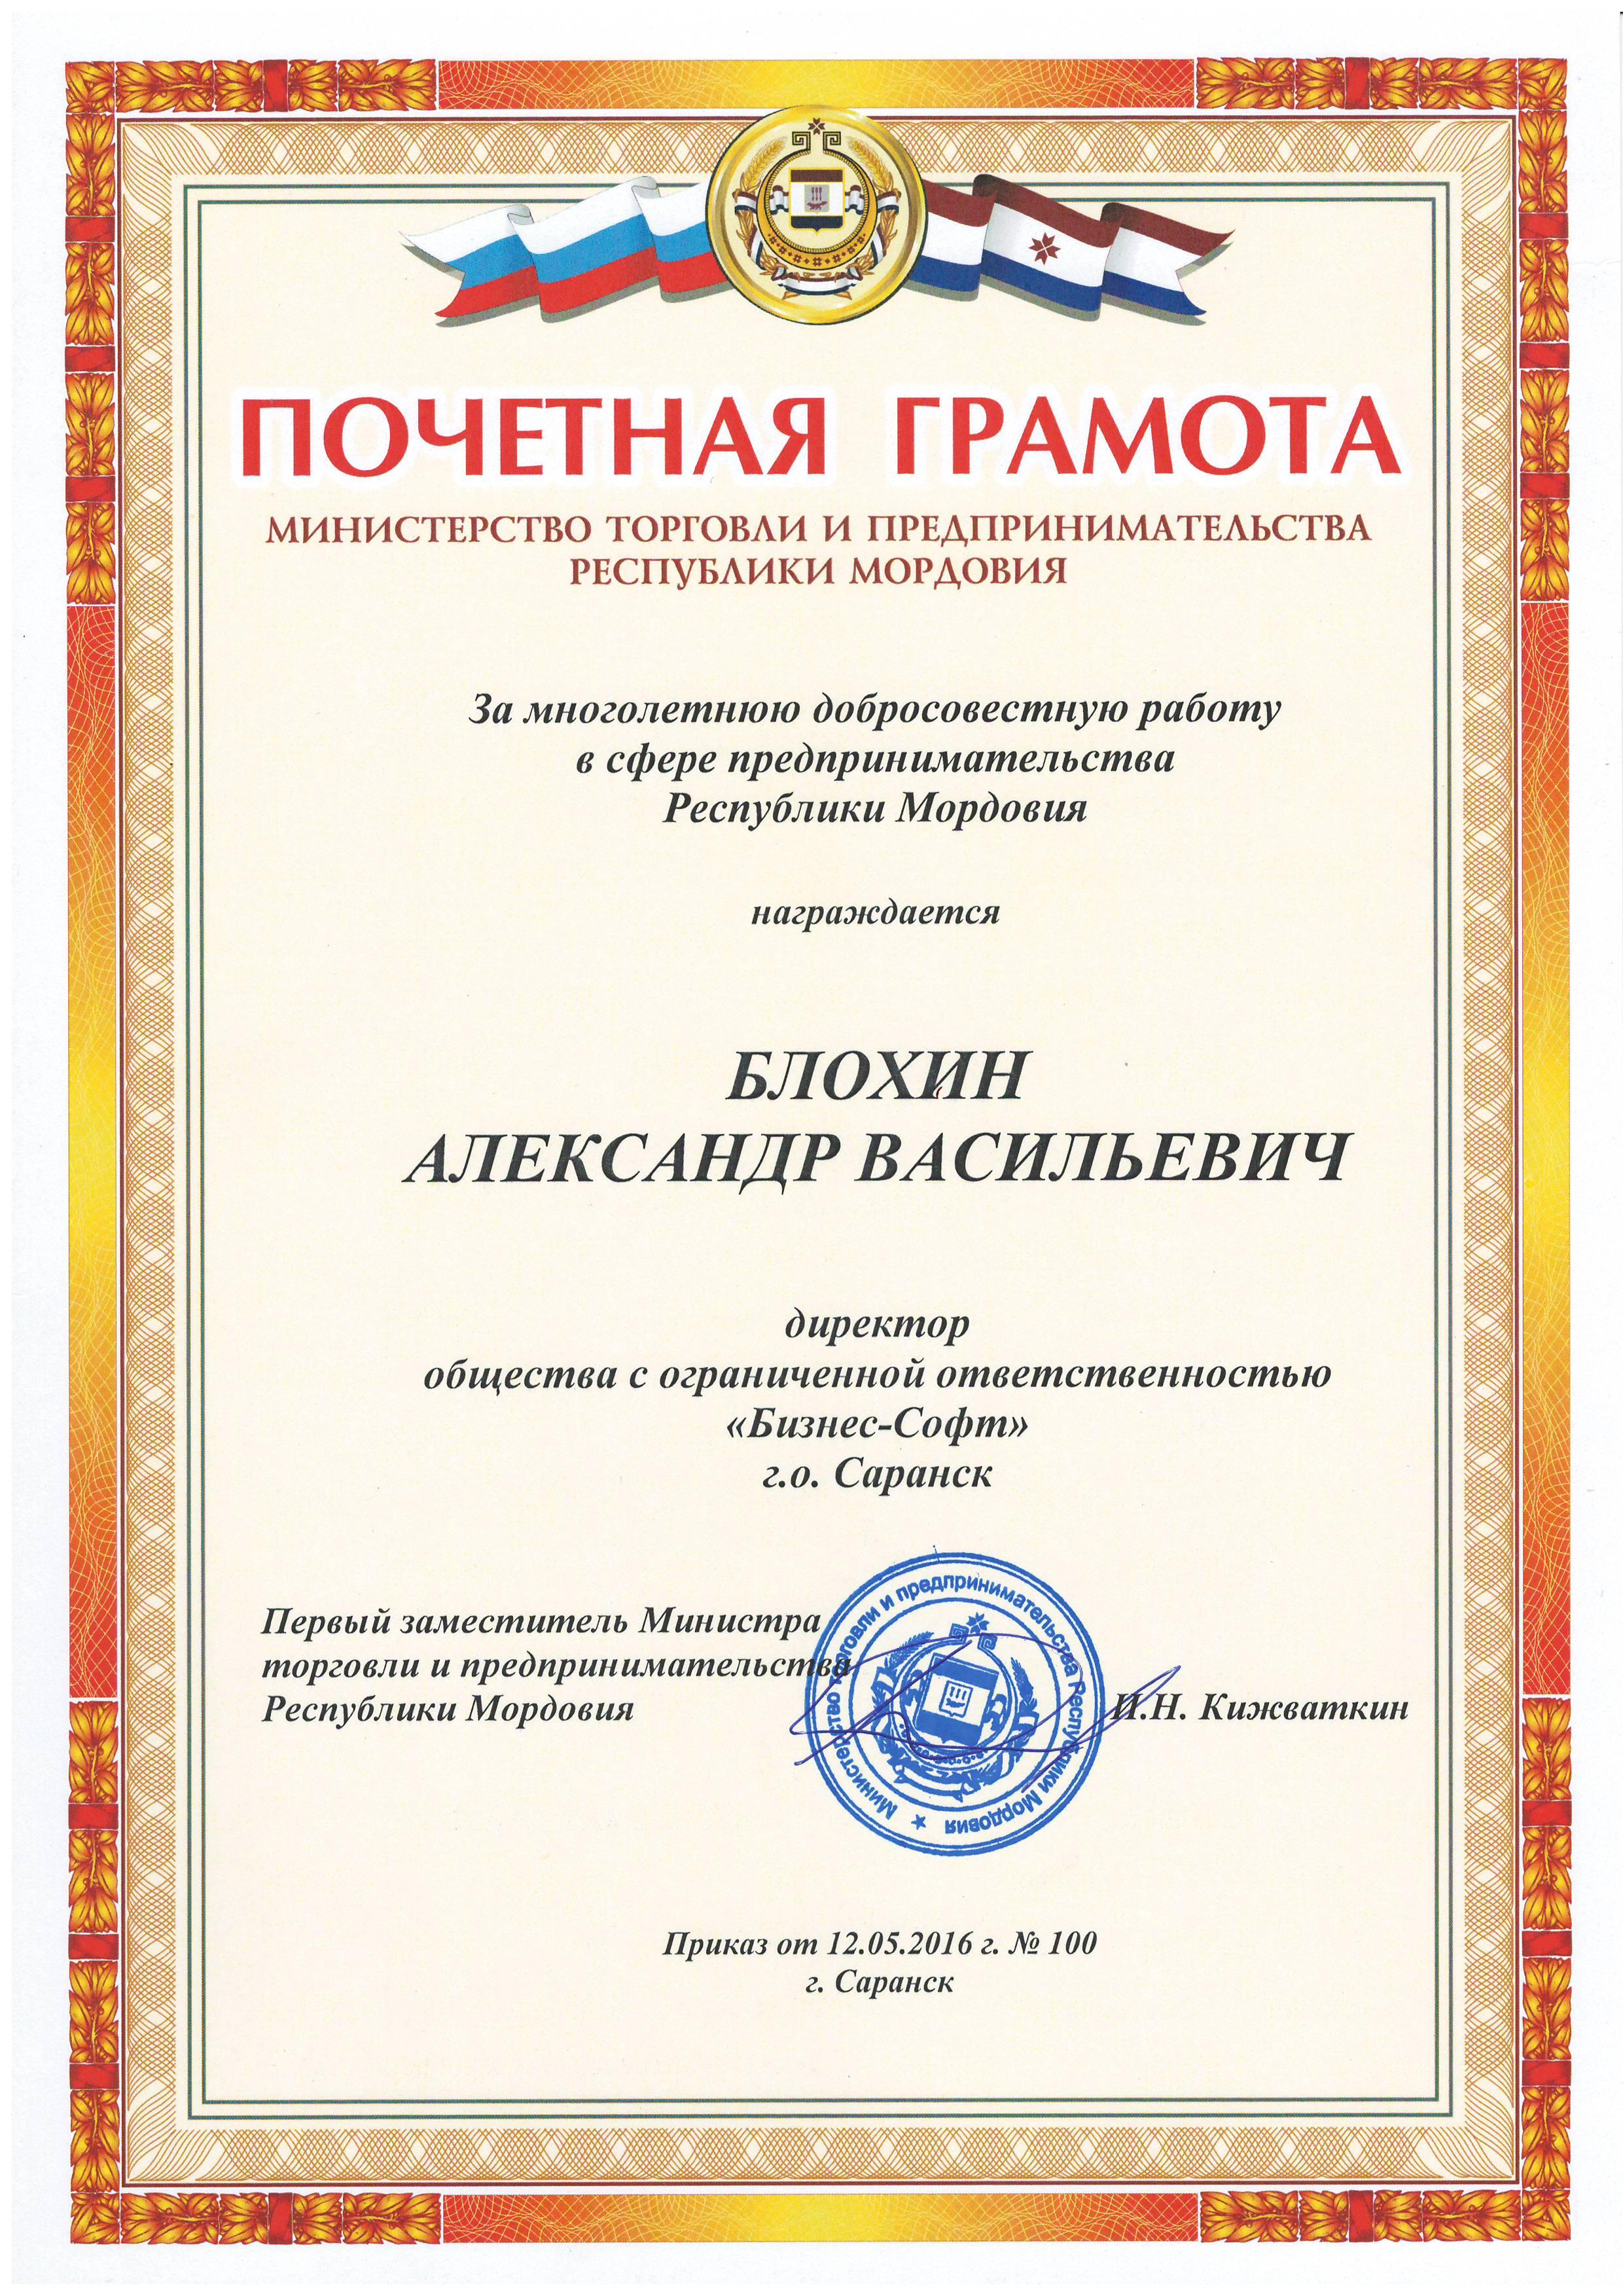 Почетная грамота_Блохин А.В._2016